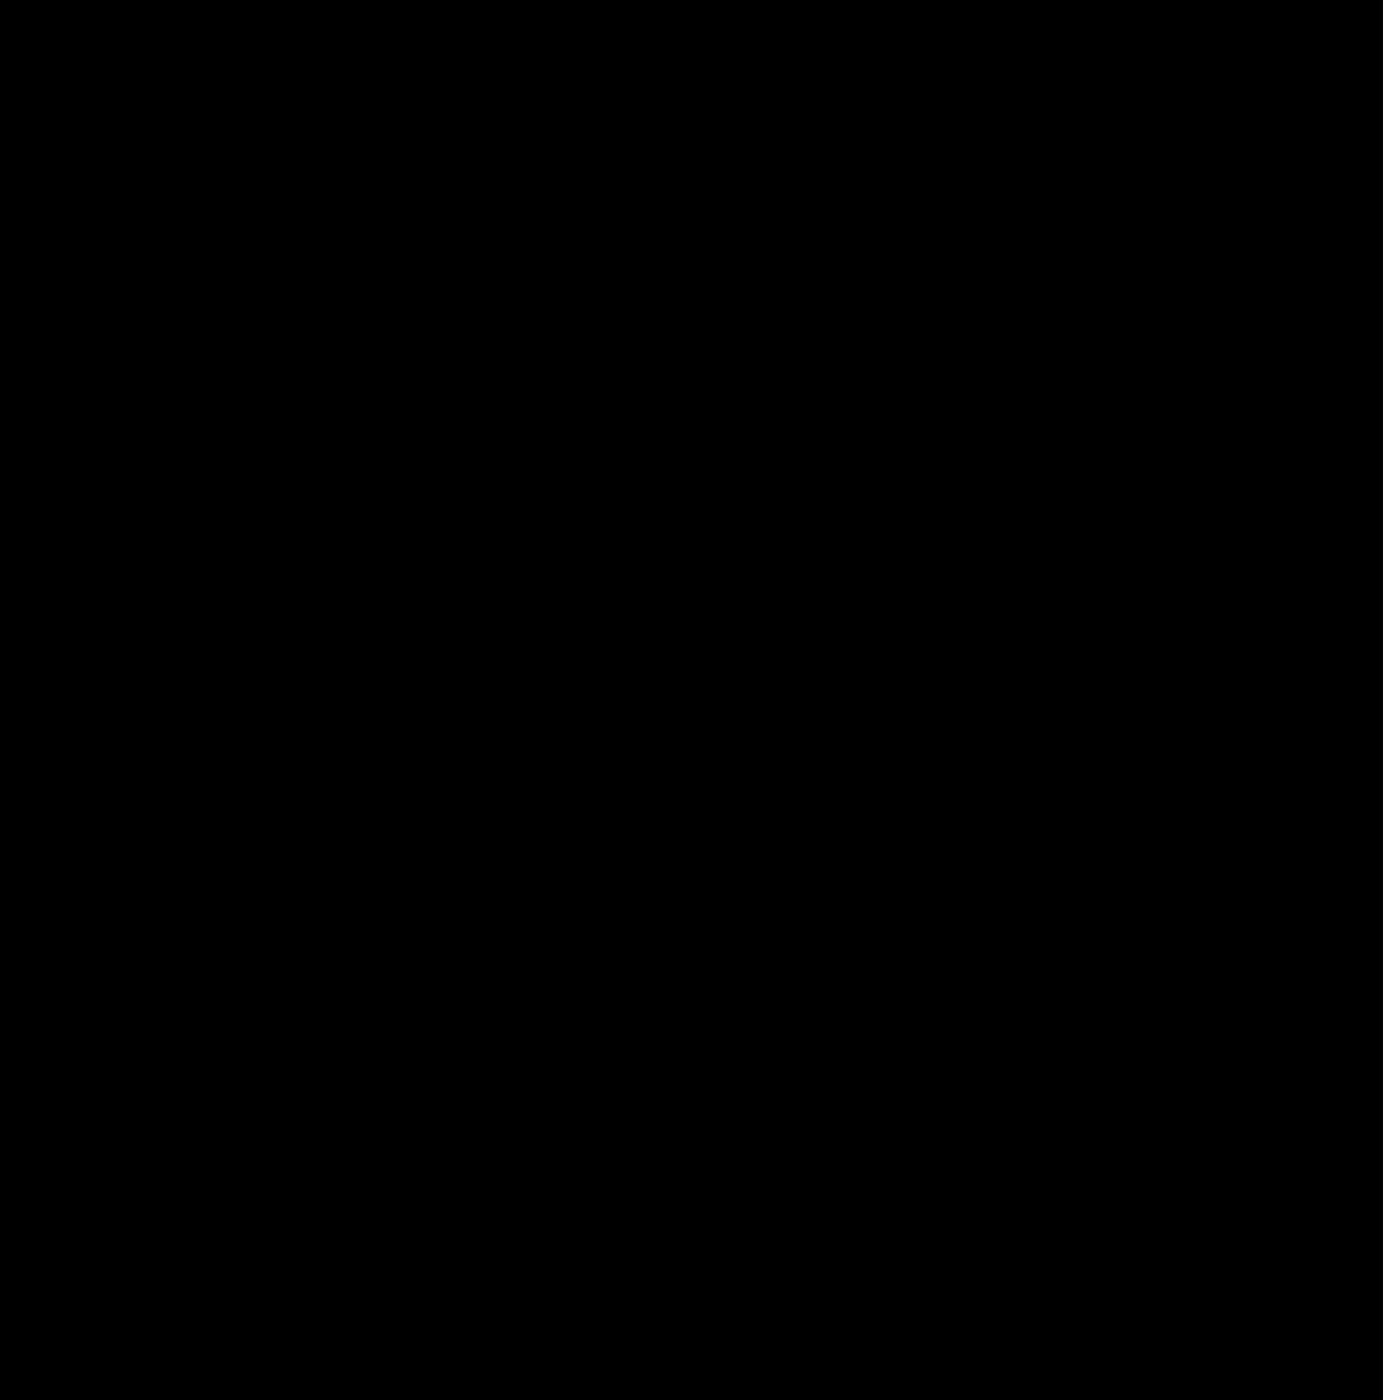 Gutterfurae 700mm x 700mm